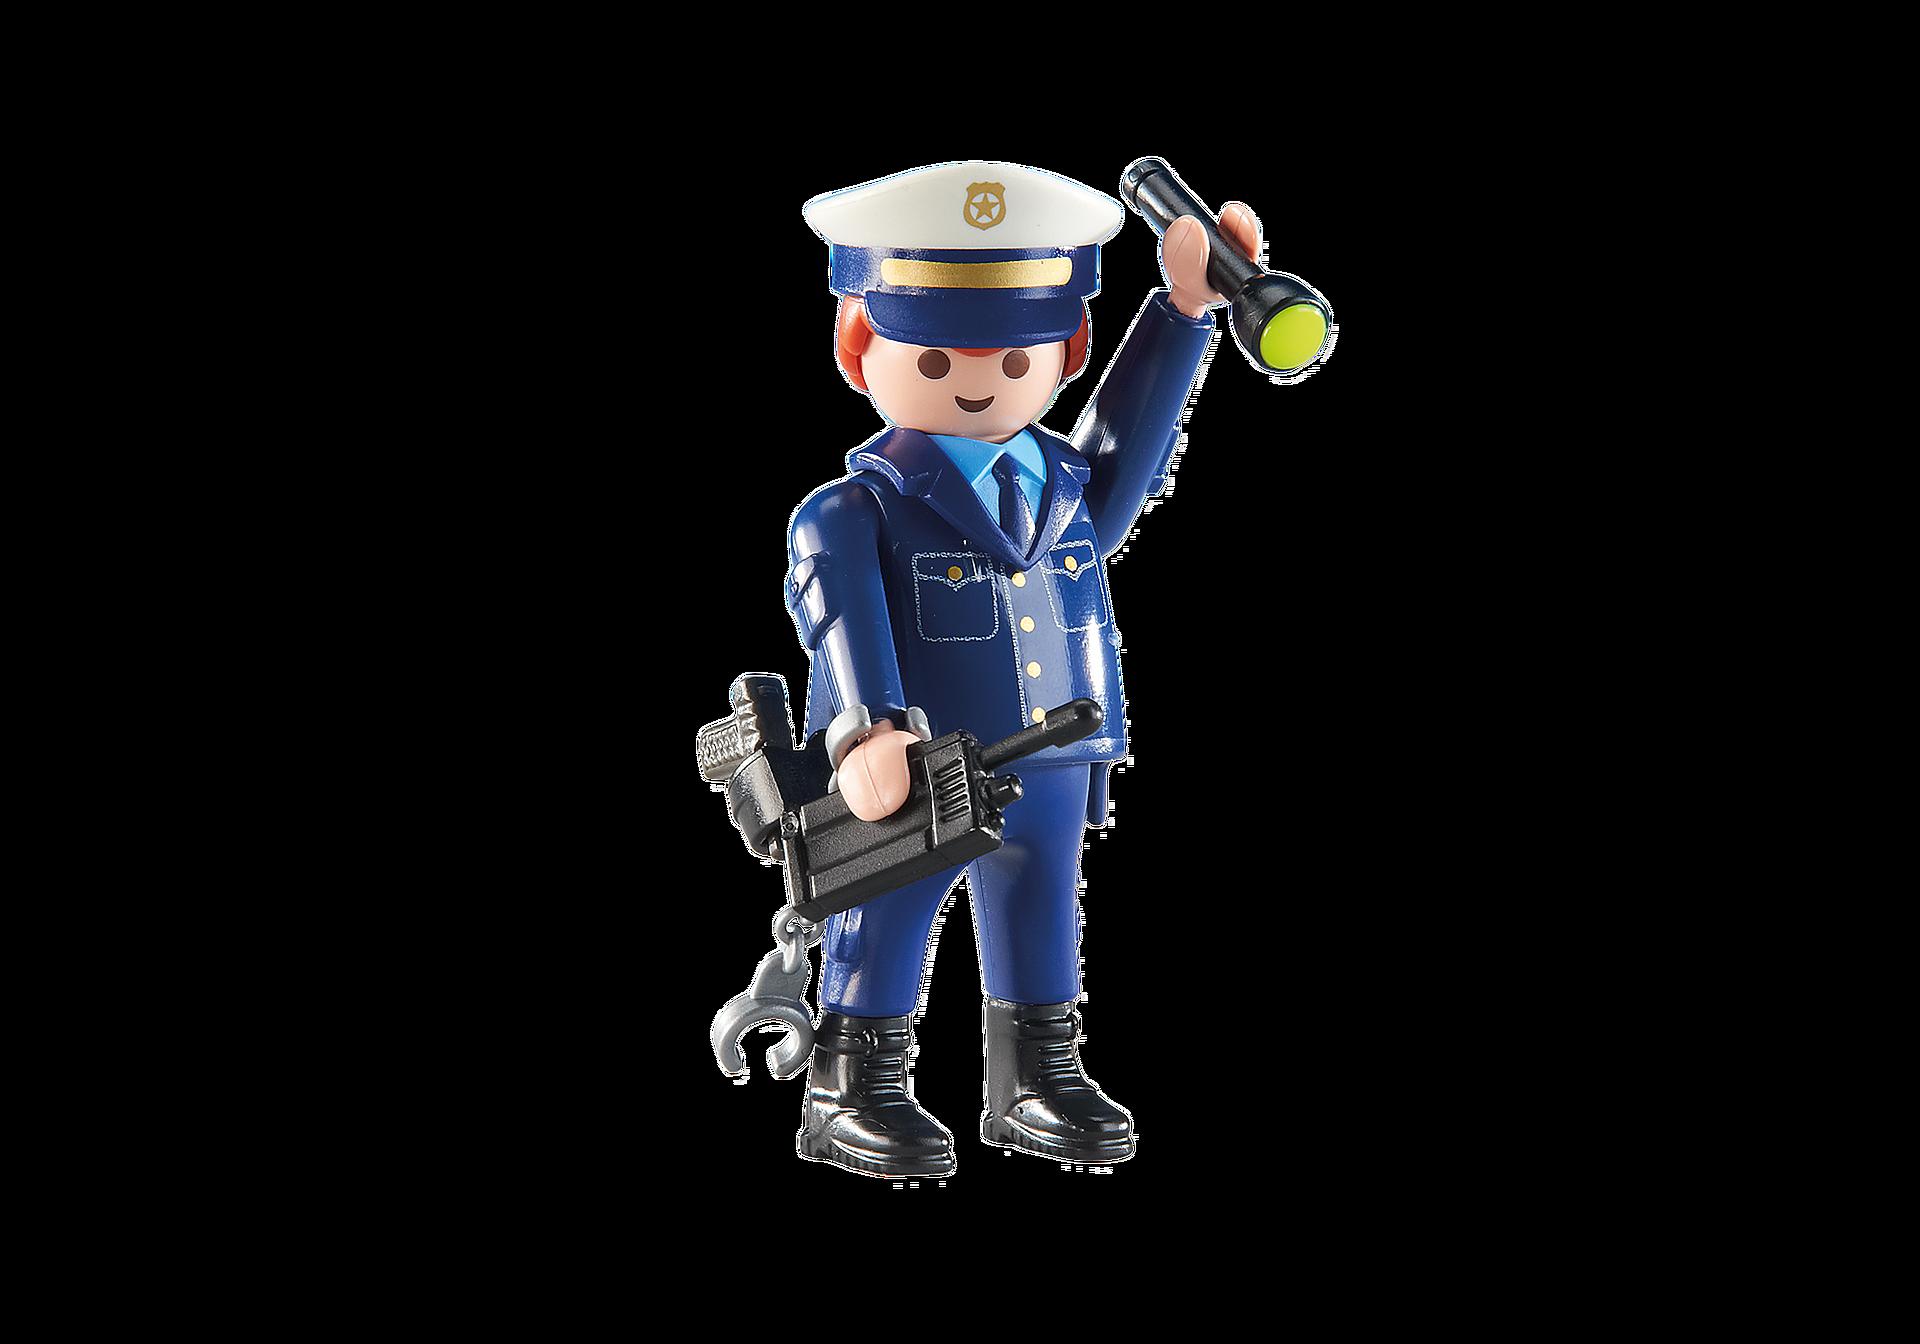 6502 Polizeichef zoom image1